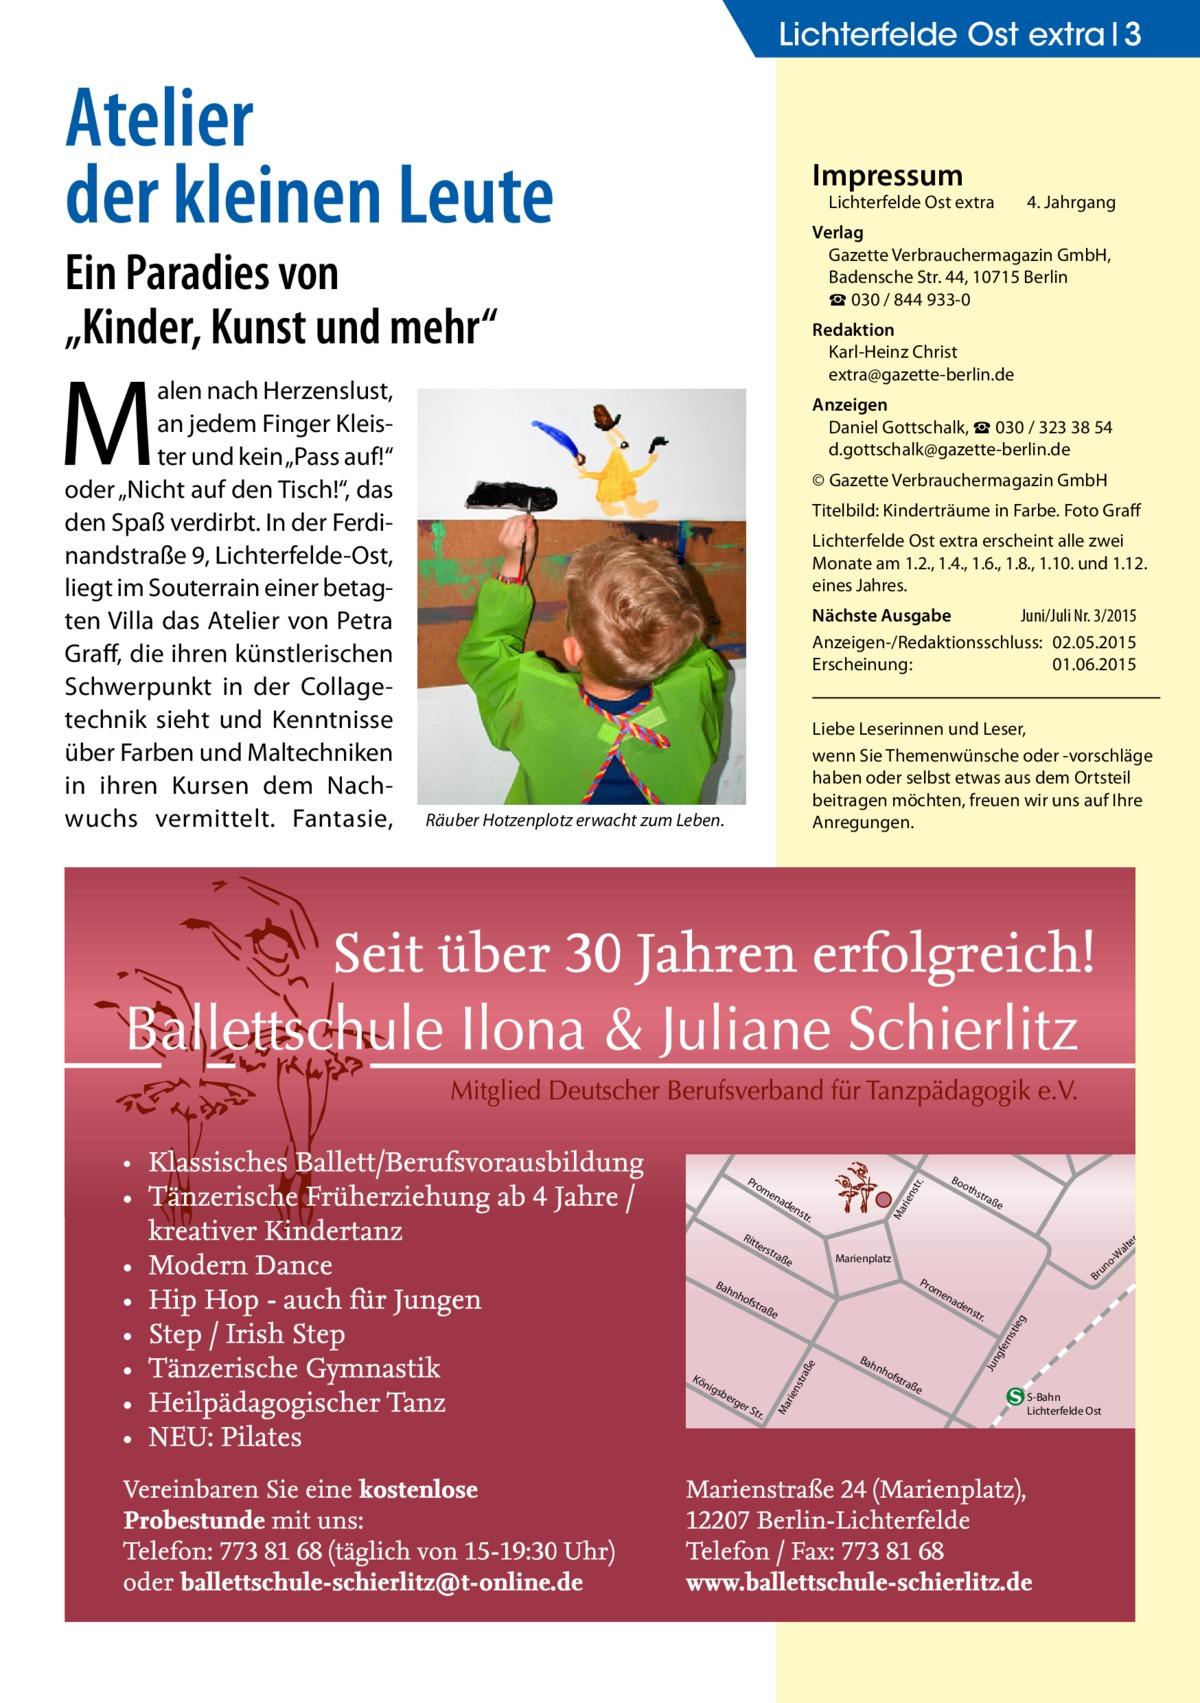 """Lichterfelde Ost extra 3  Atelier der kleinen Leute  Impressum  Lichterfelde Ost extra  Ein Paradies von """"Kinder, Kunst und mehr""""  Redaktion Karl-Heinz Christ extra@gazette-berlin.de  M  Anzeigen Daniel Gottschalk, ☎ 030 / 323 38 54 d.gottschalk@gazette-berlin.de © Gazette Verbrauchermagazin GmbH Titelbild: Kinderträume in Farbe. Foto Graff Lichterfelde Ost extra erscheint alle zwei Monate am 1.2., 1.4., 1.6., 1.8., 1.10. und 1.12. eines Jahres. Nächste Ausgabe  Juni/Juli Nr. 3/2015 Anzeigen-/Redaktionsschluss:02.05.2015 Erscheinung:01.06.2015 Liebe Leserinnen und Leser, wenn Sie Themenwünsche oder -vorschläge haben oder selbst etwas aus dem Ortsteil beitragen möchten, freuen wir uns auf Ihre Anregungen.  Räuber Hotzenplotz erwacht zum Leben.  ter s  nh  tra  ße  rge  rS tr.  ad  en  str .  Bah  gfe rns  ße  e sbe  Br  en  tra  raß  nig  o un  Pro m  ofs  str aße  Marienplatz  rie nst  Kö  oth  Ma  str .  nh  ofs  tra  Jun  Bah  en  tie g  ad  rie nst  en  Rit  Bo  r.  Pro m  Ma  alen nach Herzenslust, an jedem Finger Kleister und kein """"Pass auf!"""" oder """"Nicht auf den Tisch!"""", das den Spaß verdirbt. In der Ferdinandstraße 9, Lichterfelde-Ost, liegt im Souterrain einer betagten Villa das Atelier von Petra Graff, die ihren künstlerischen Schwerpunkt in der Collagetechnik sieht und Kenntnisse über Farben und Maltechniken in ihren Kursen dem Nachwuchs vermittelt. Fantasie,  4. Jahrgang  Verlag Gazette Verbrauchermagazin GmbH, BadenscheStr.44, 10715 Berlin ☎ 030 / 844 933-0  ße  S-Bahn Lichterfelde Ost  tr. -S er alt -W"""